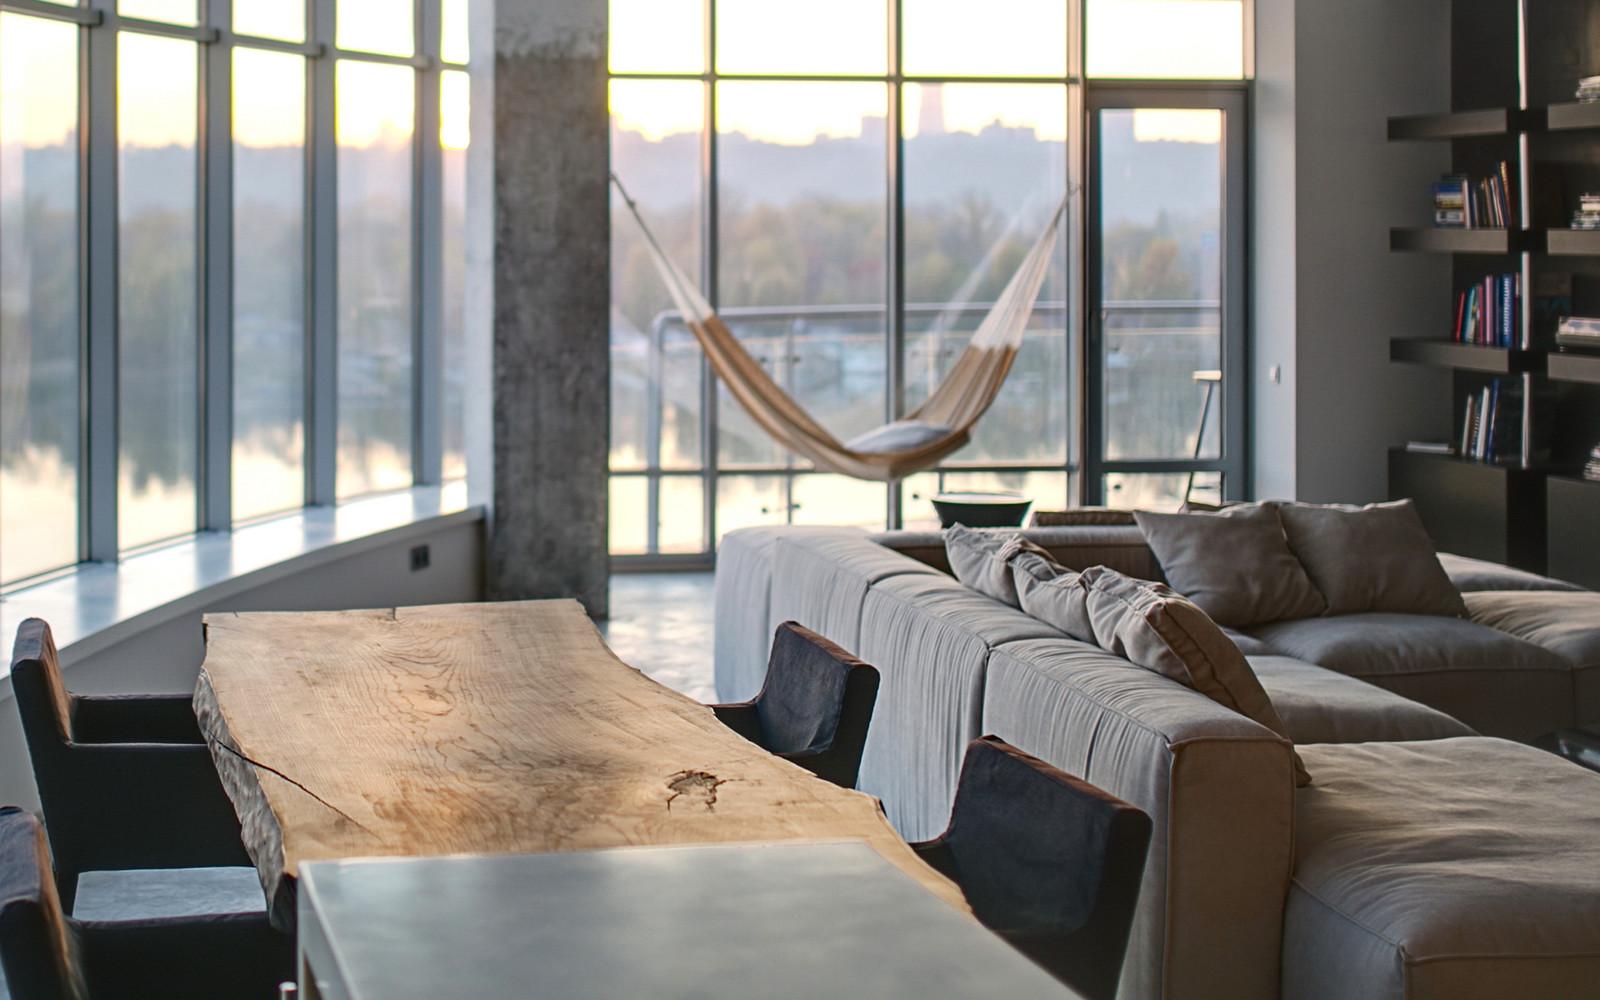 панорамни прозорци и свобода в просторния градски апартамент_8